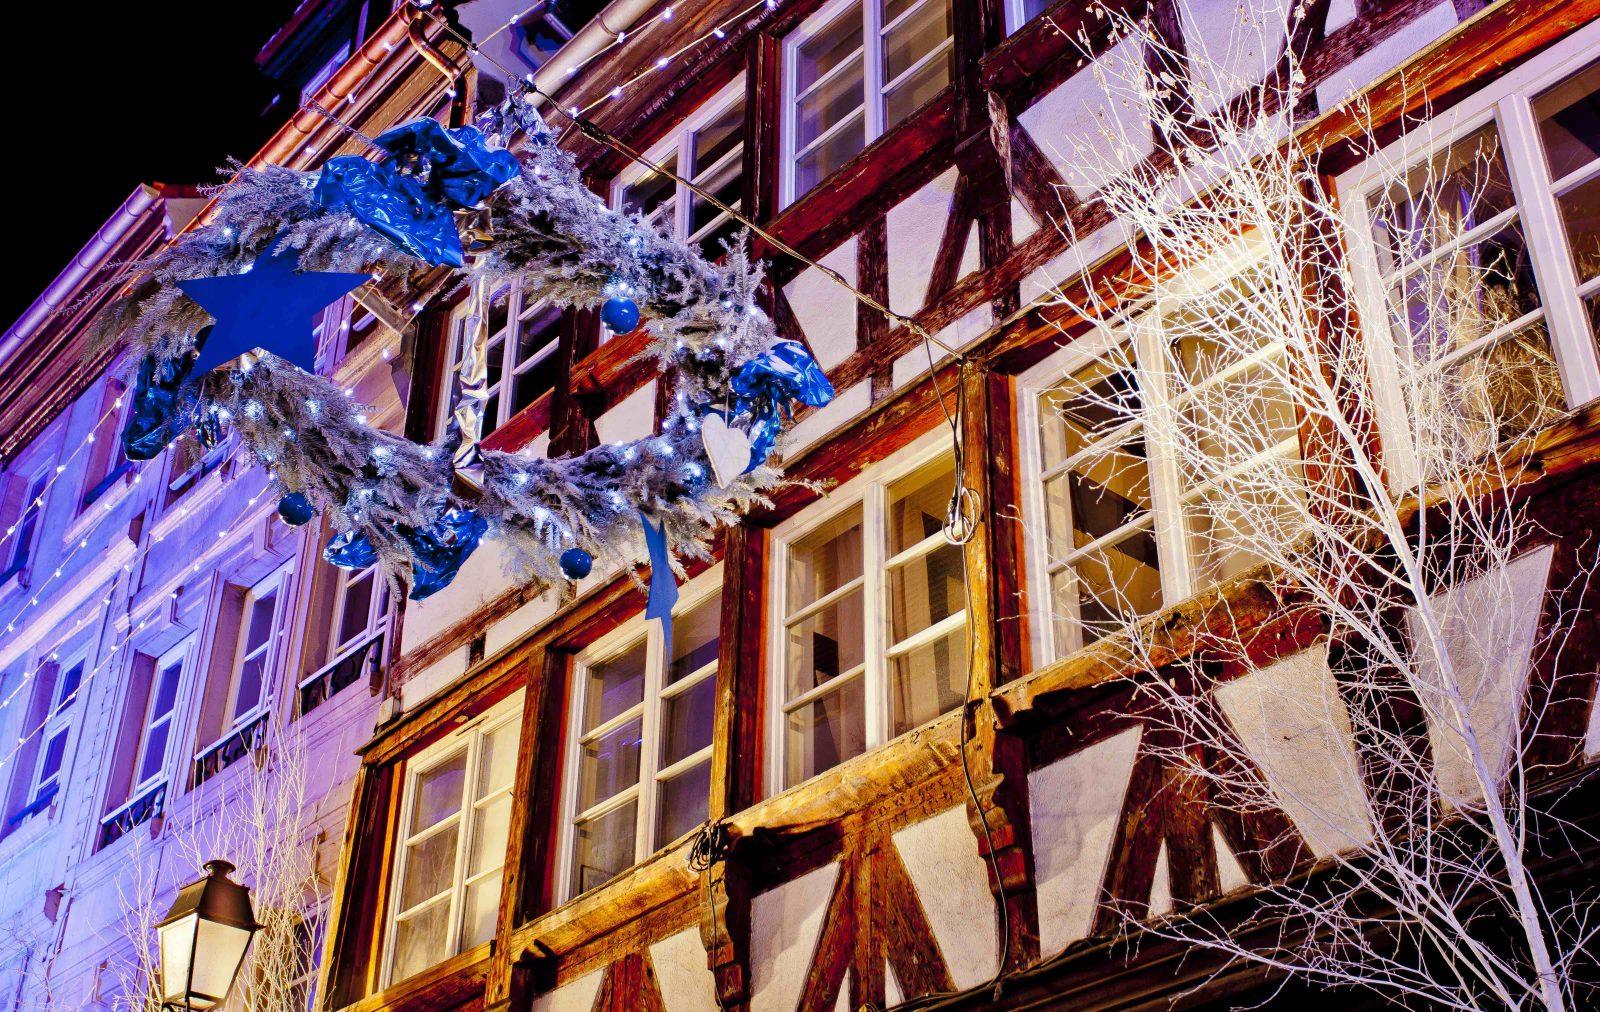 Strasbourg décorations de Noël maisons à colombages